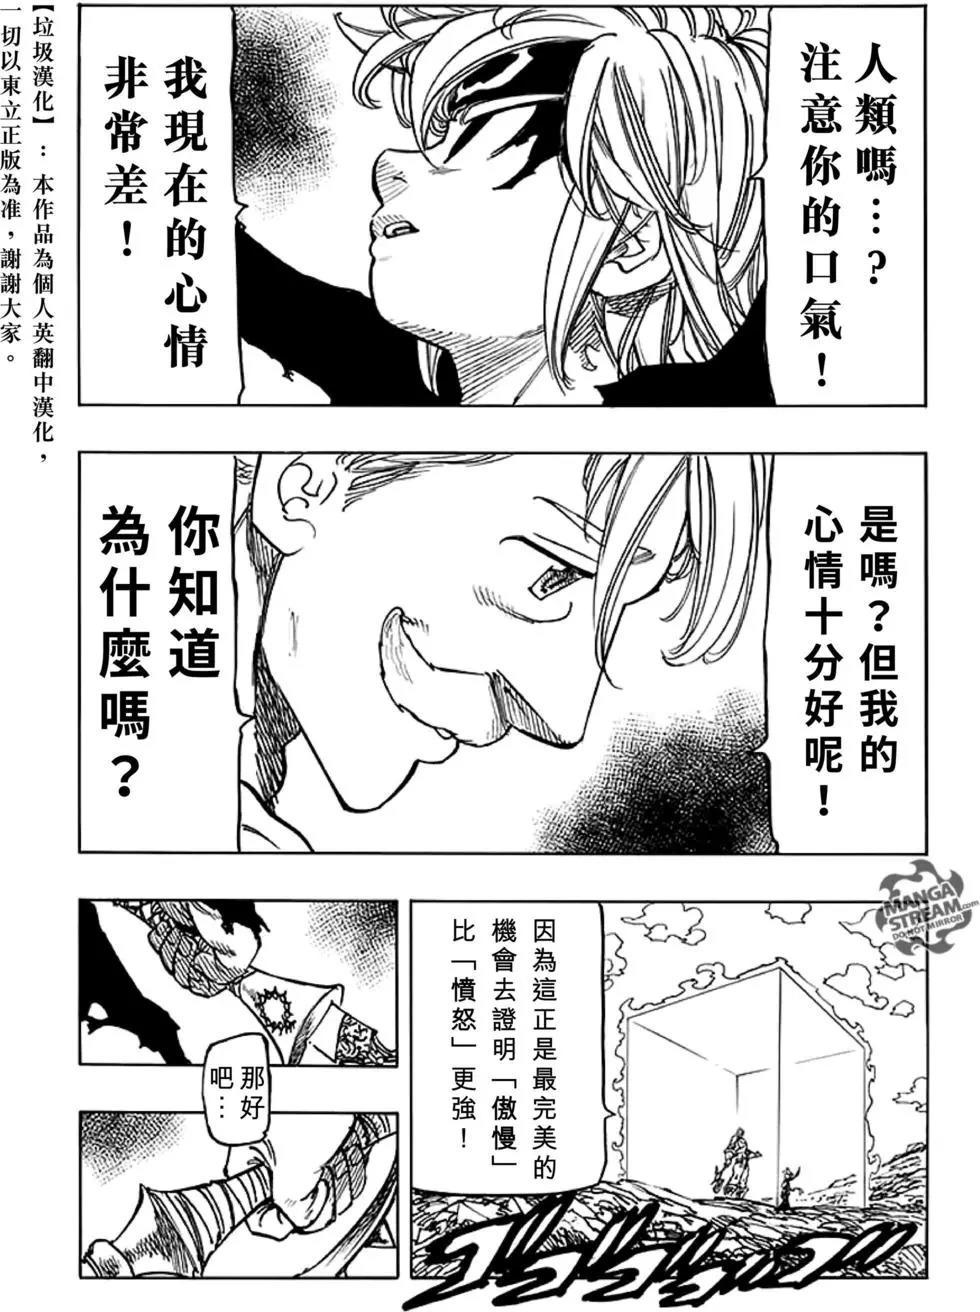 七大罪漫畫連載 第231-232回-漫畫DB